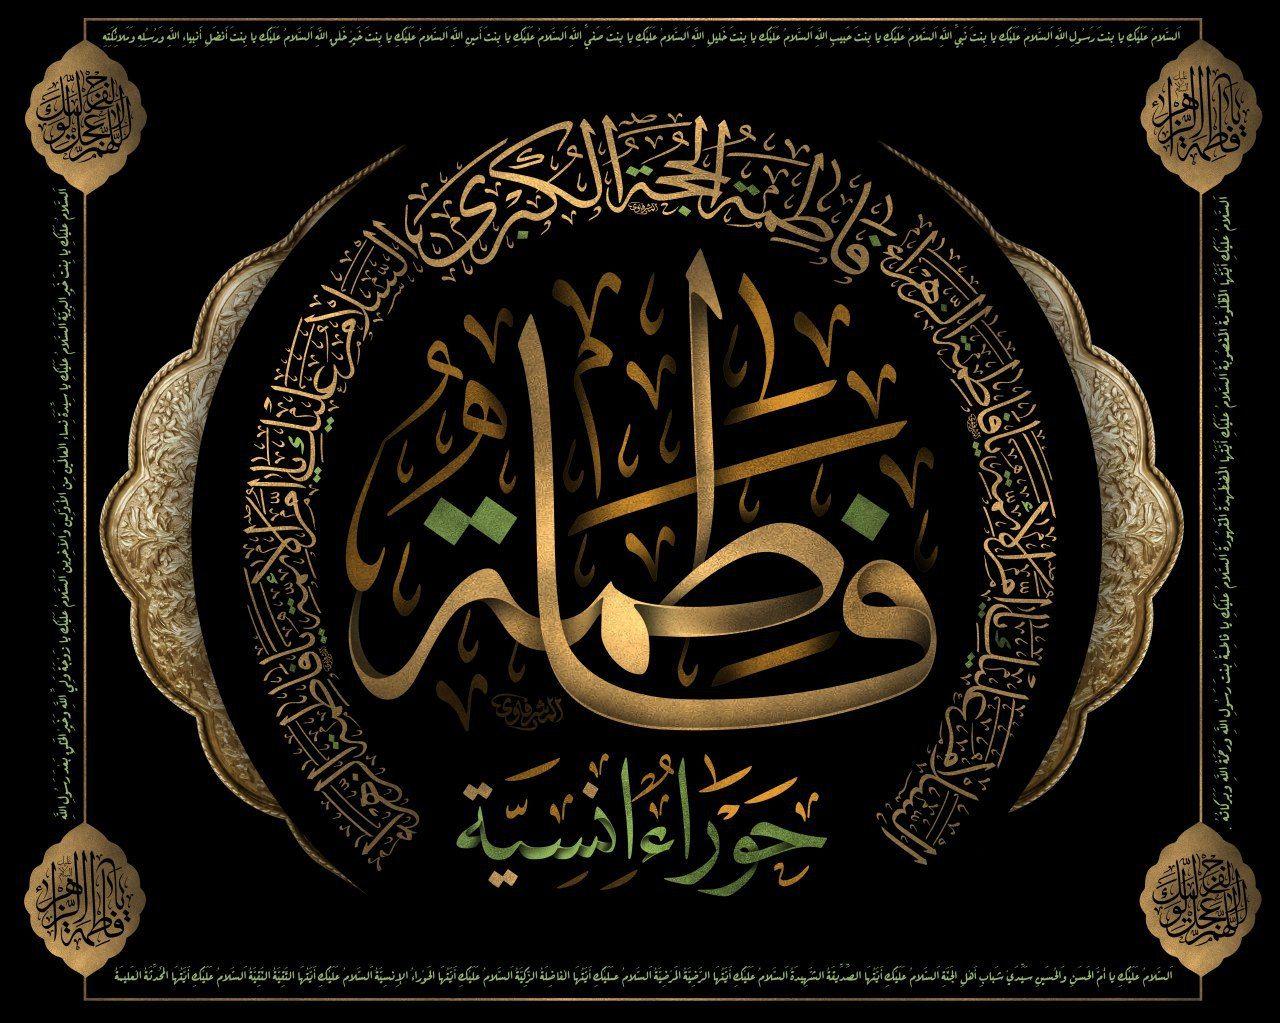 ق د ور ث ت أب ن اء ها ذ اك الأث ر فالك س ر ي ل ه ب في ض ل وع الم ن ت ظ ر Islamic Art Islamic Calligraphy Islamic Artwork